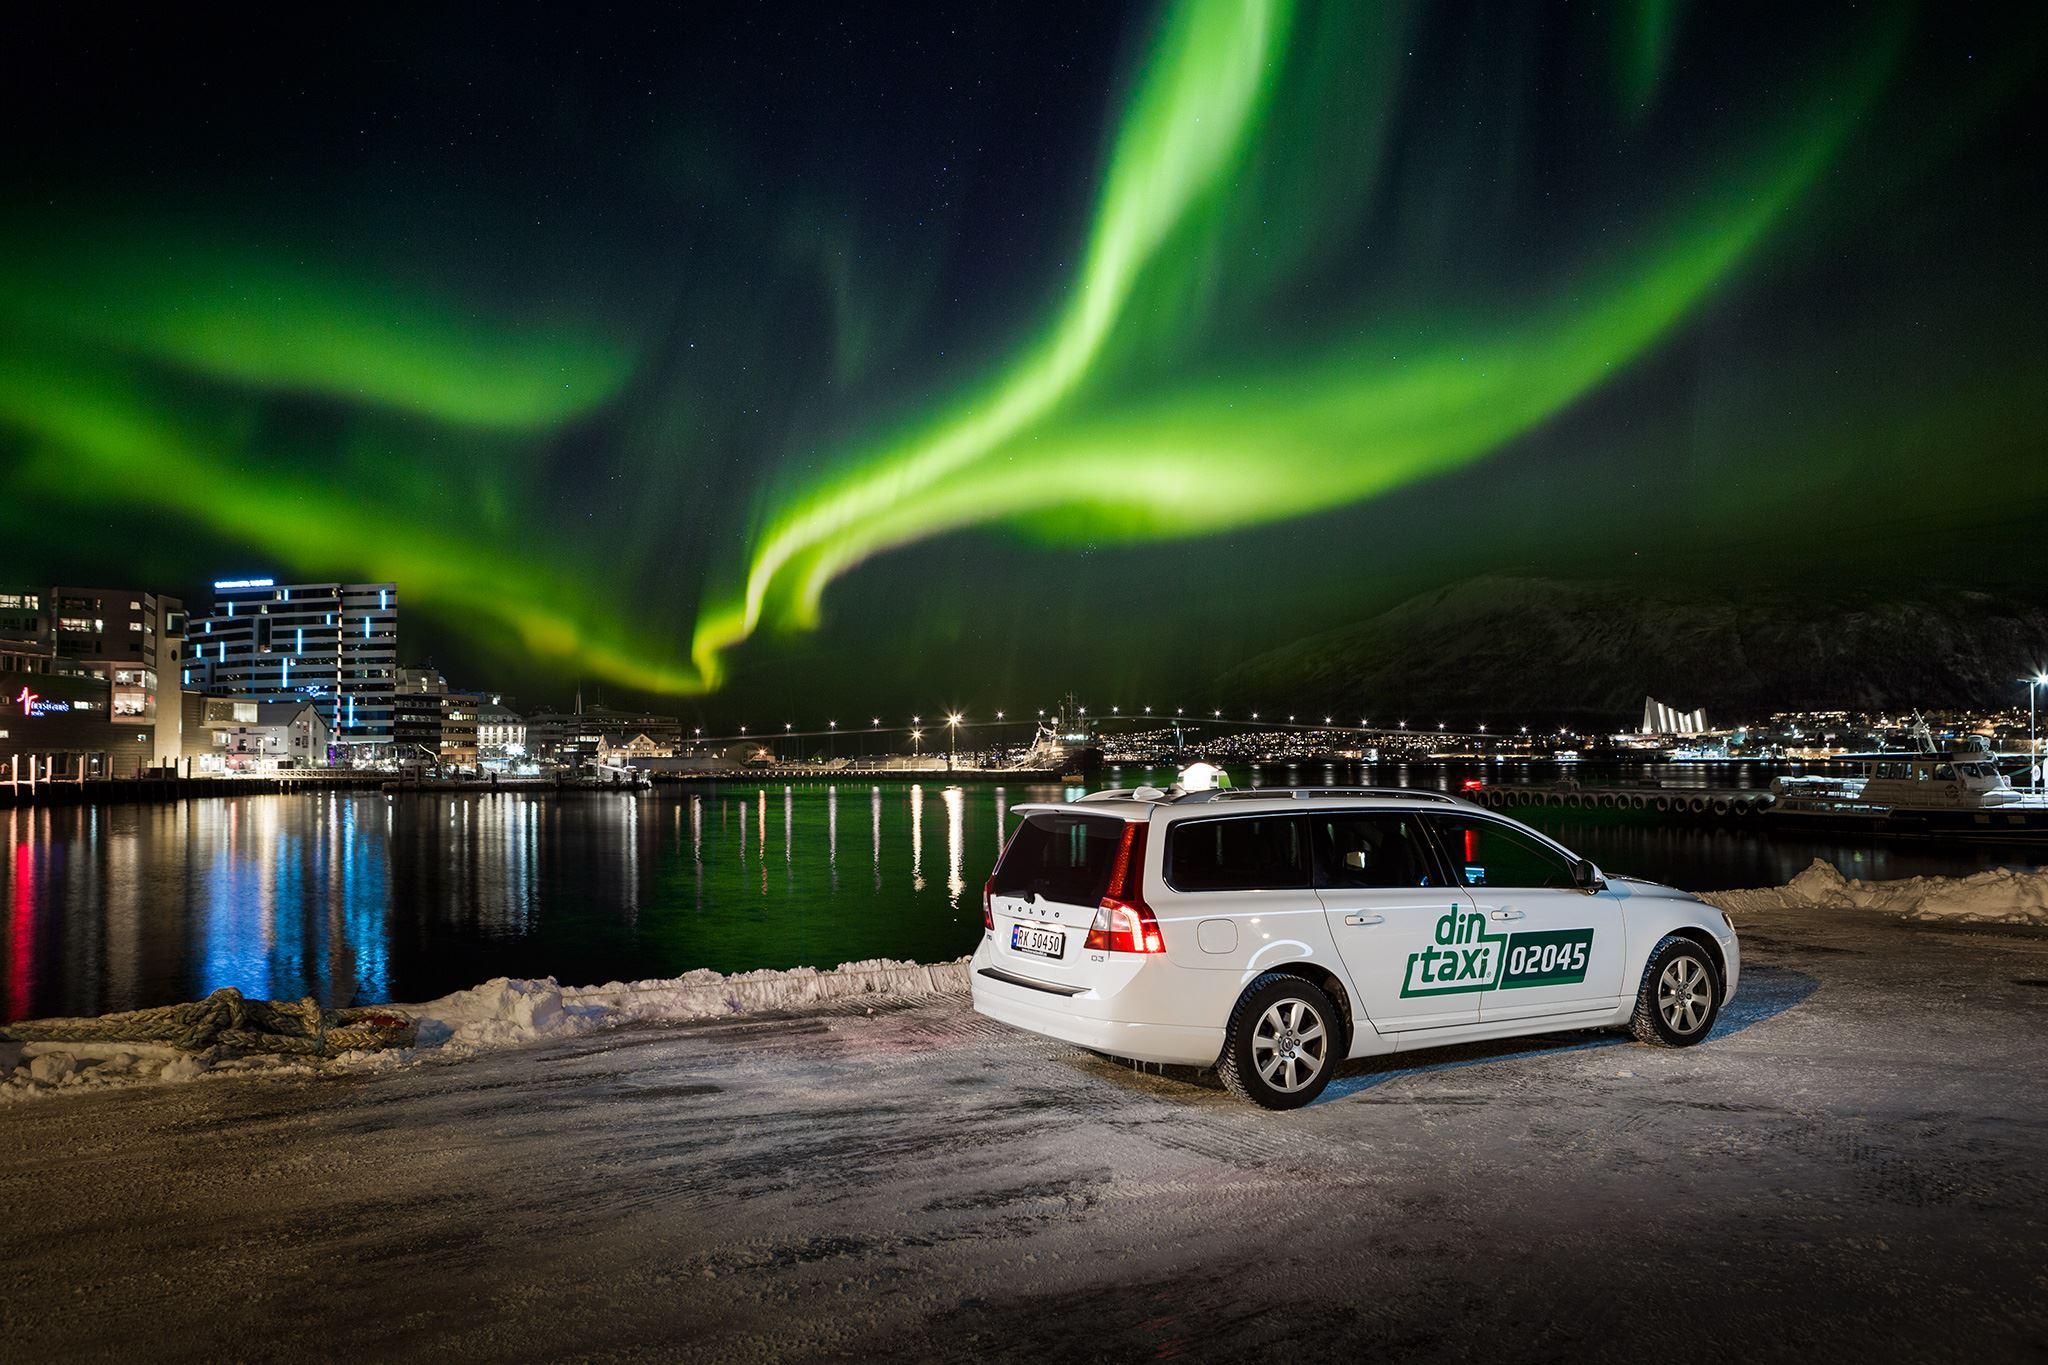 Nordlysjakt med taxi – Din Taxi